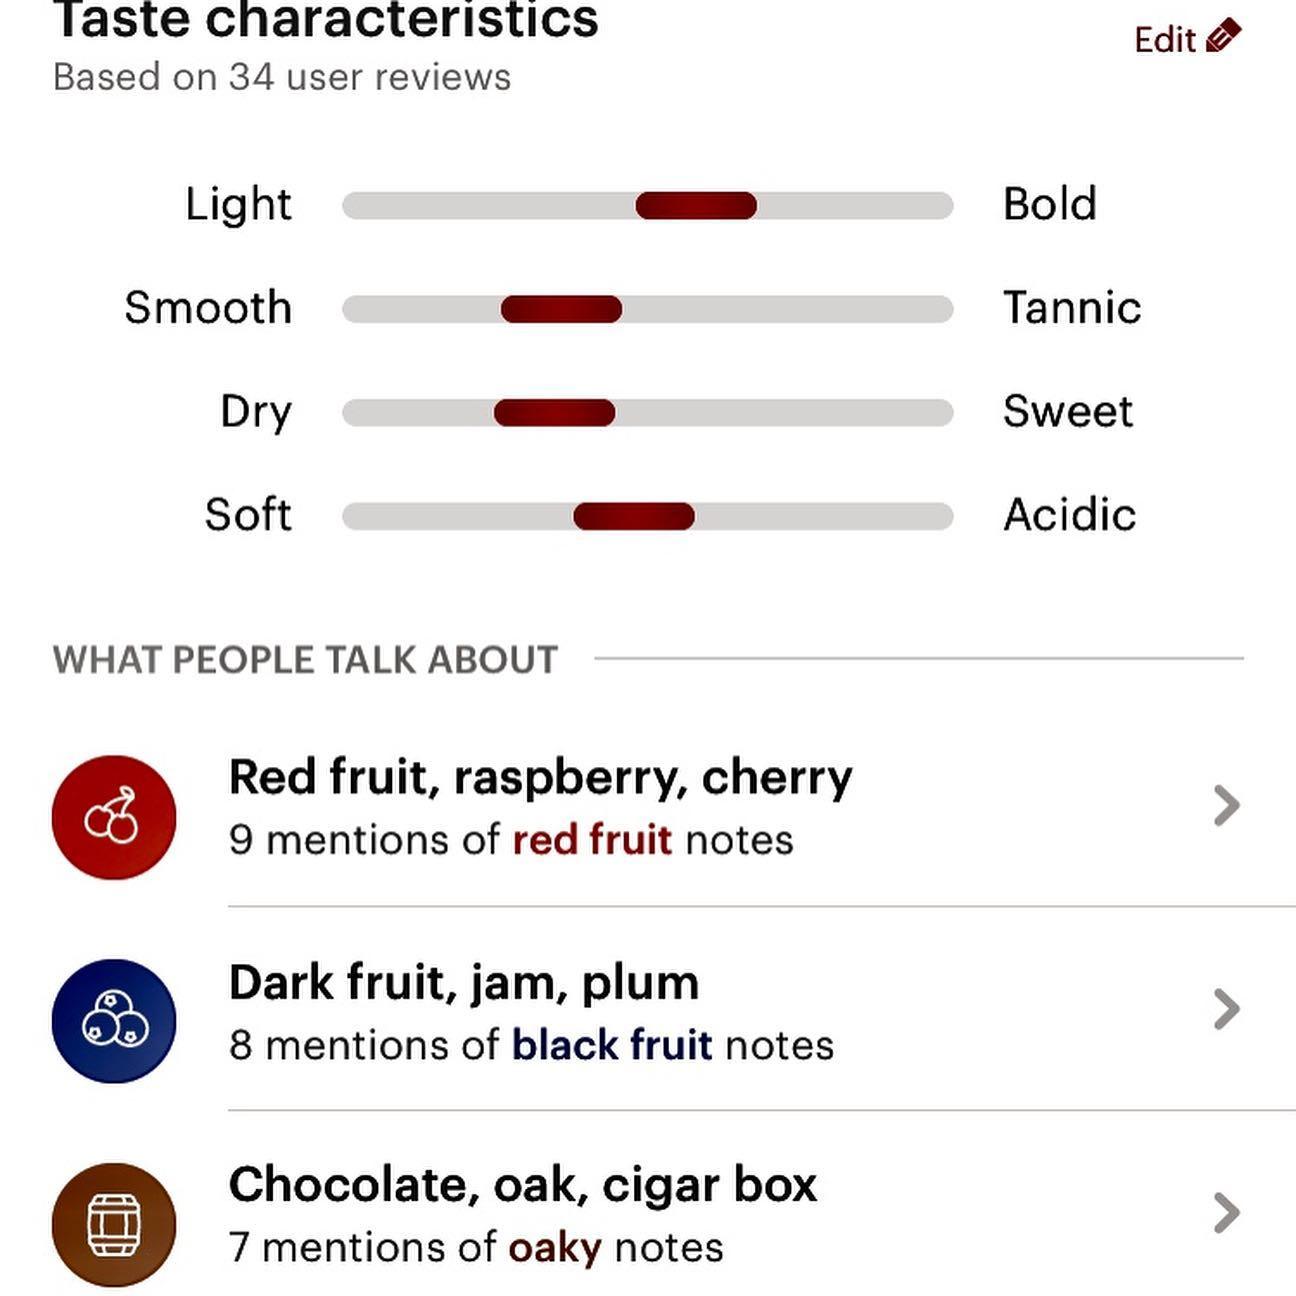 Taste characteristics